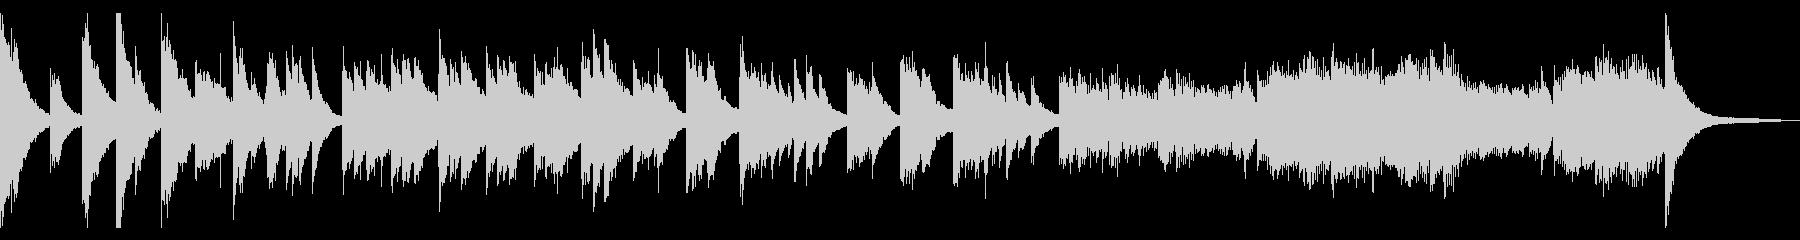 Wabizenの未再生の波形